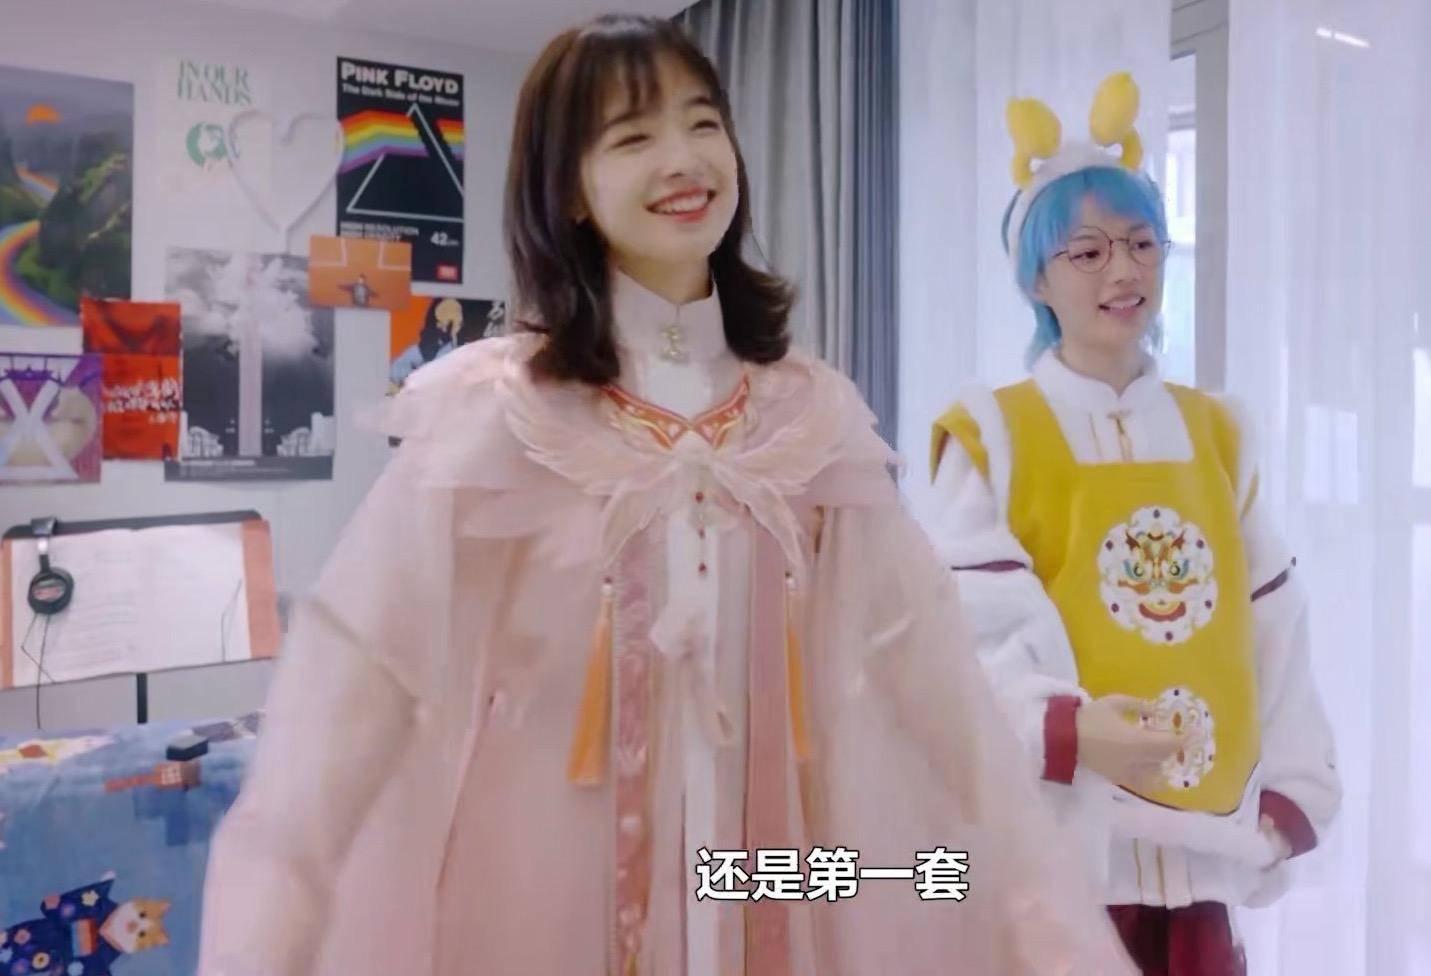 原创             央视主持王冰冰汉服造型惊艳!穿白色刺绣汉服气质清纯,被夸绝美